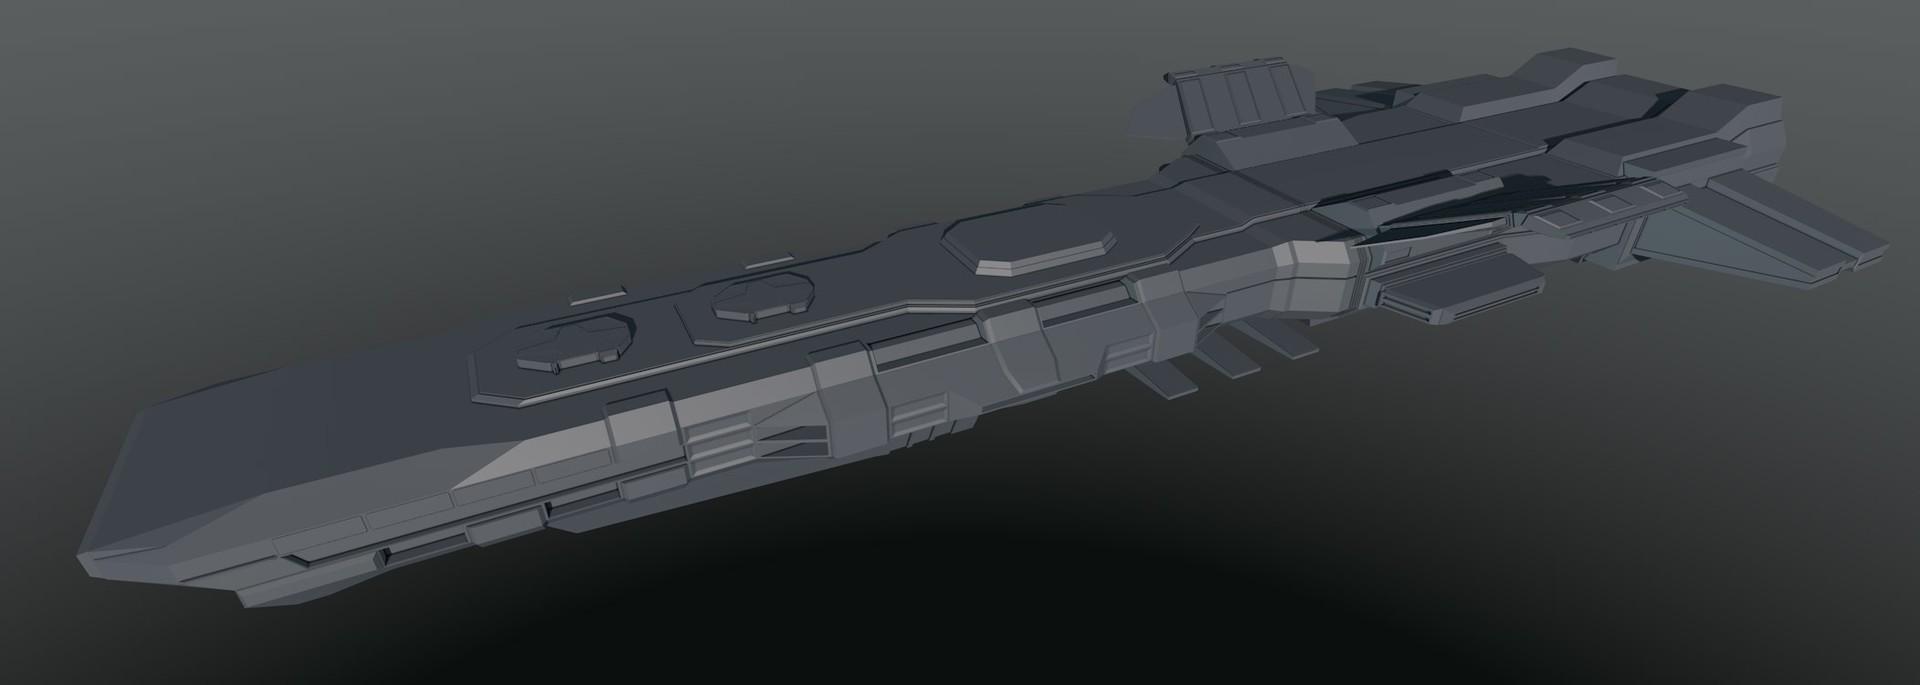 Glenn clovis concept battleship saratoga 9